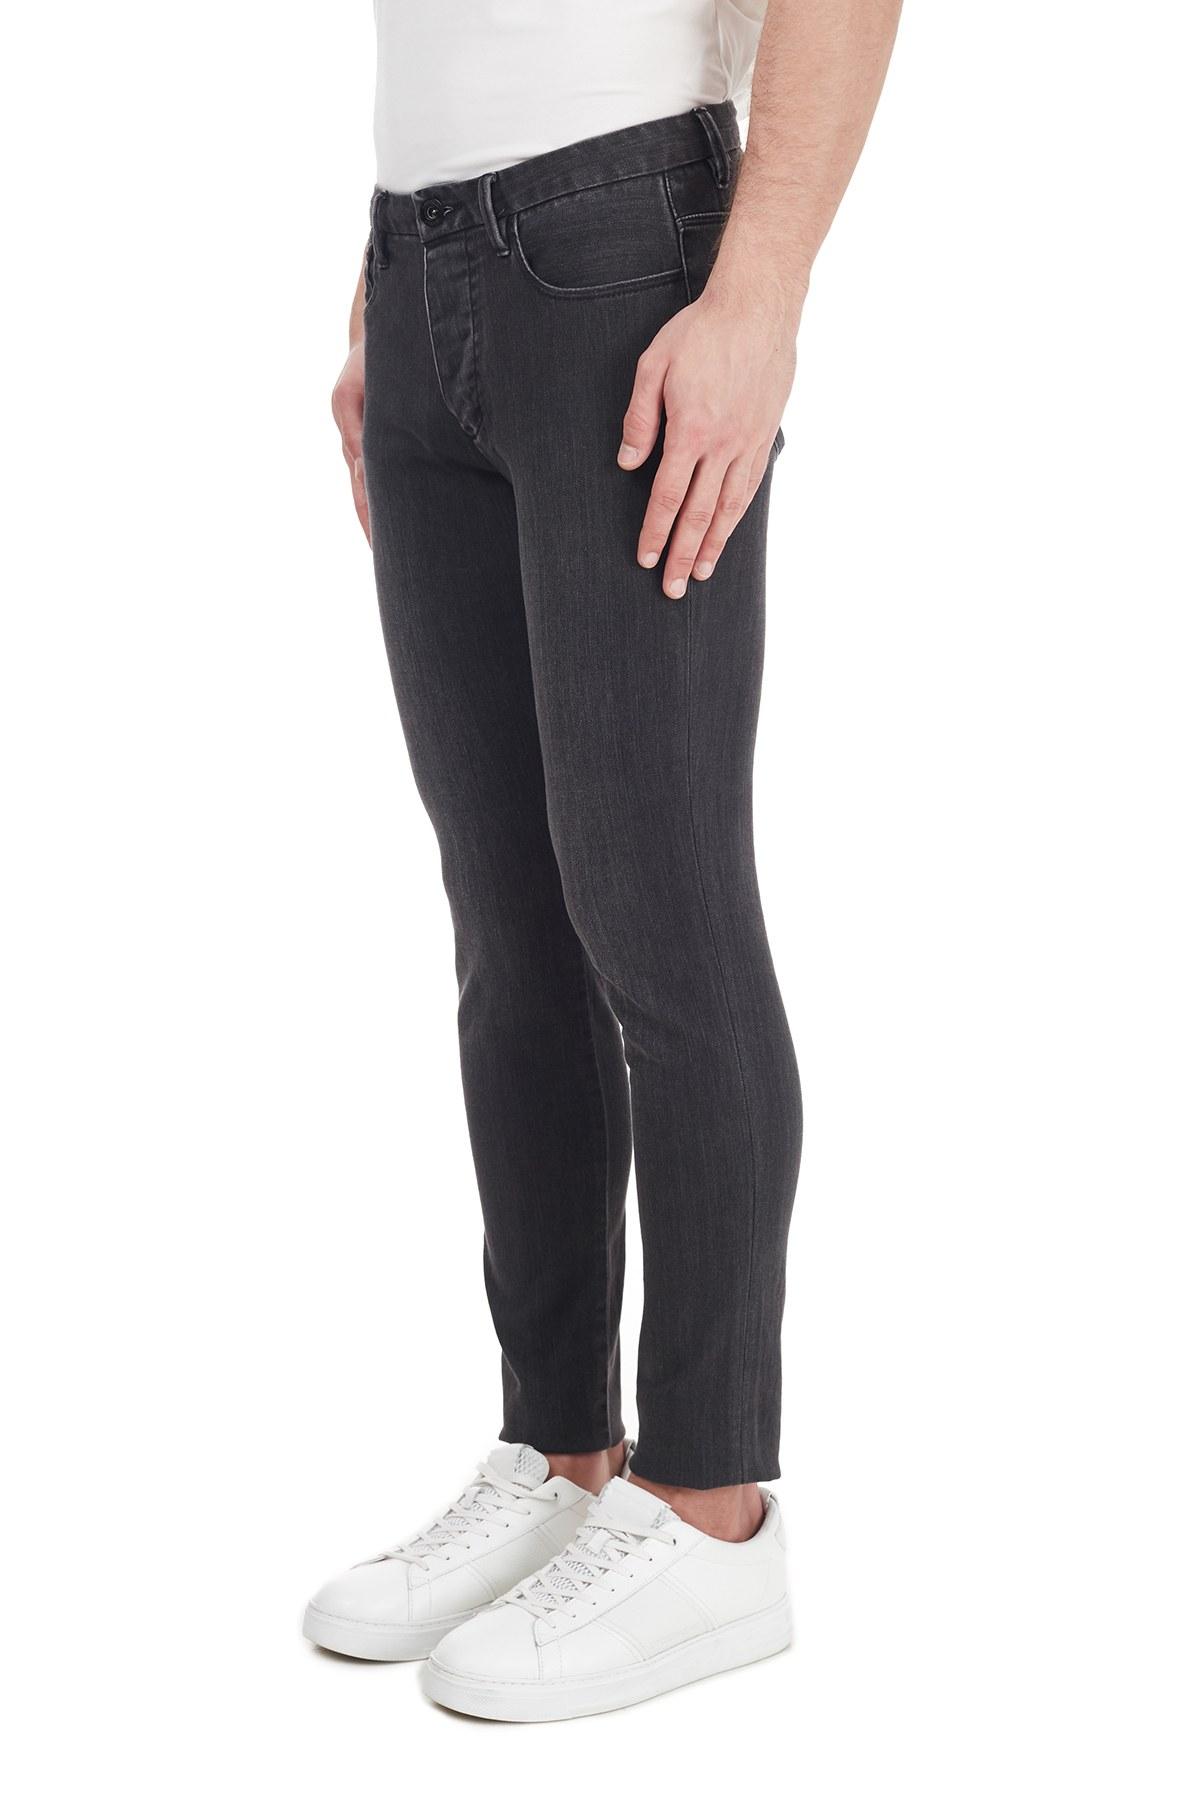 Emporio Armani Ekstra Slim Fit Pamuklu J11 Jeans Erkek Kot Pantolon 6H1J11 1DHDZ 0006 SİYAH